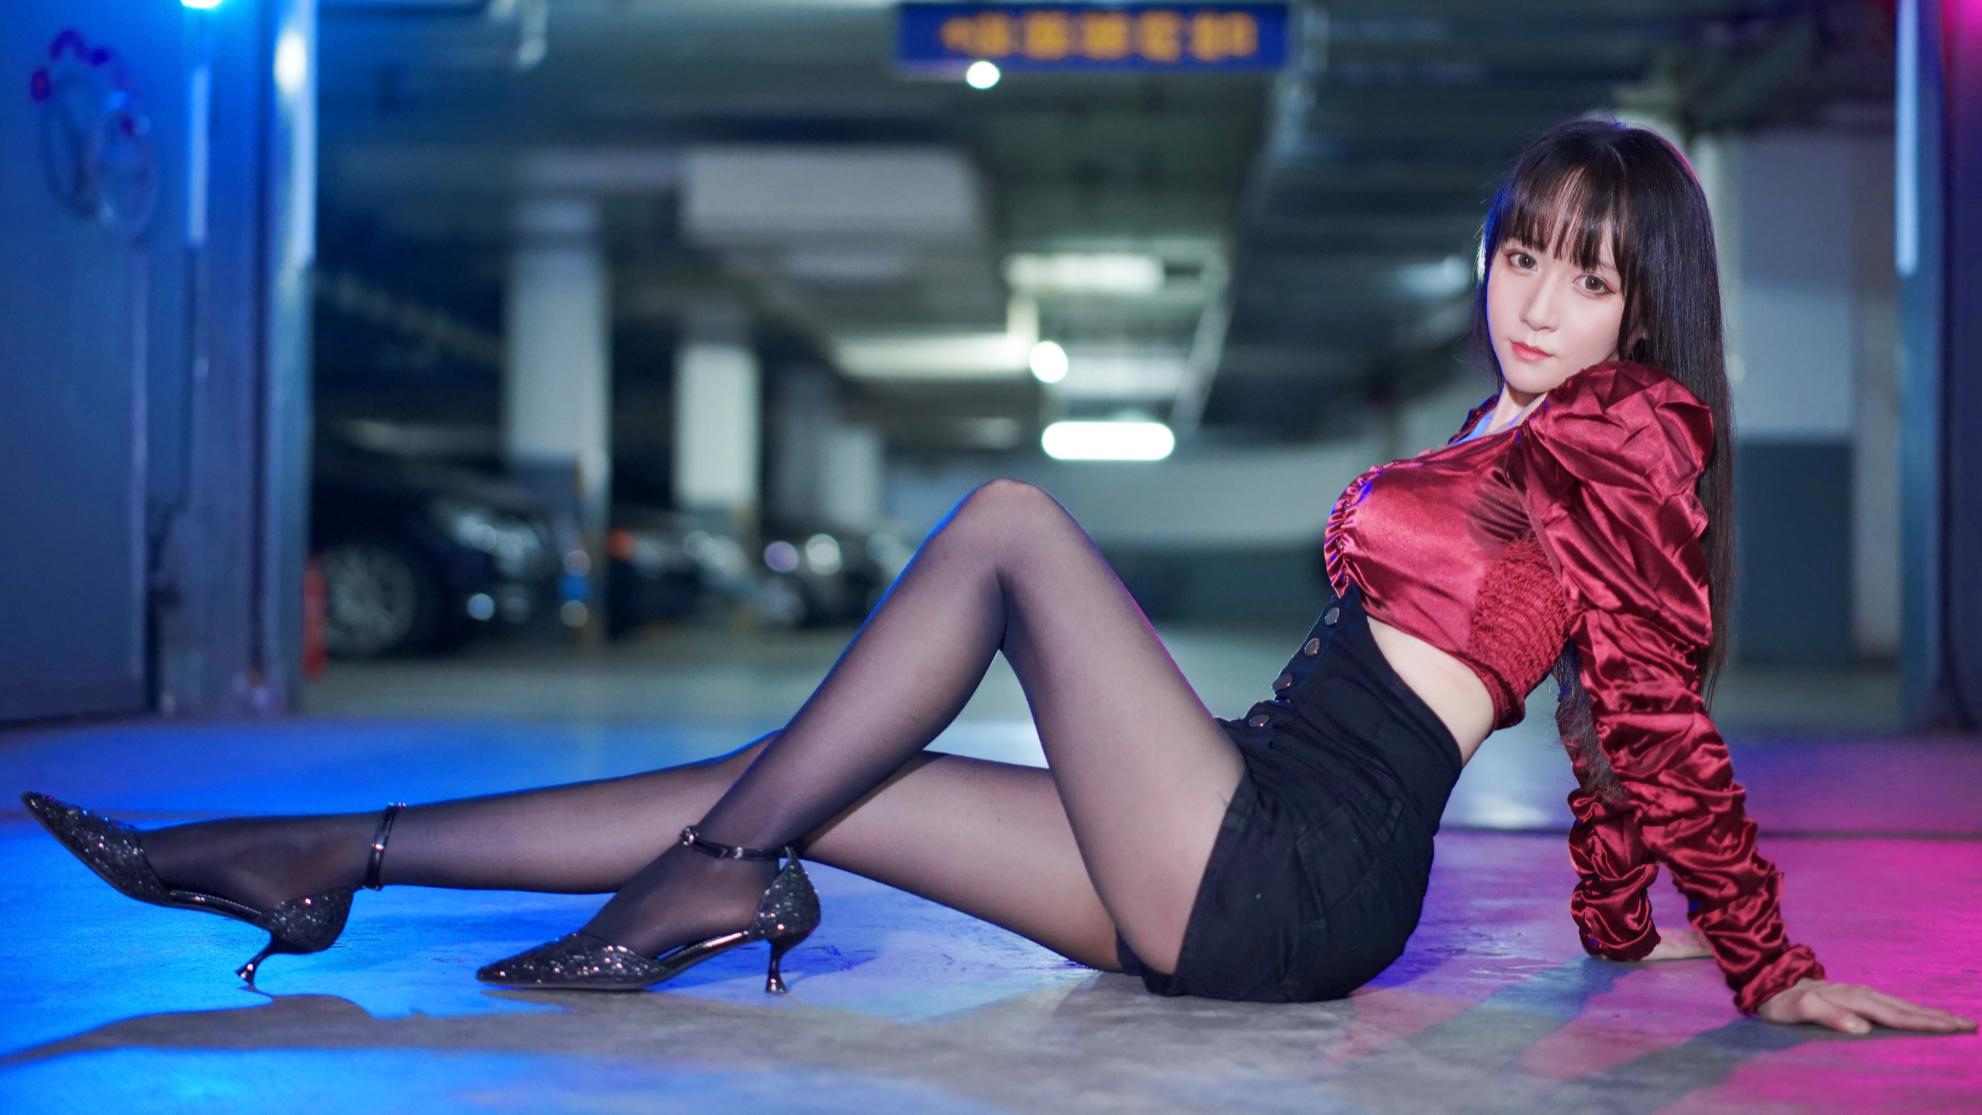 【麻衣】Maria❀性感酷girl车库蹦迪,在线莎你【2P竖屏】